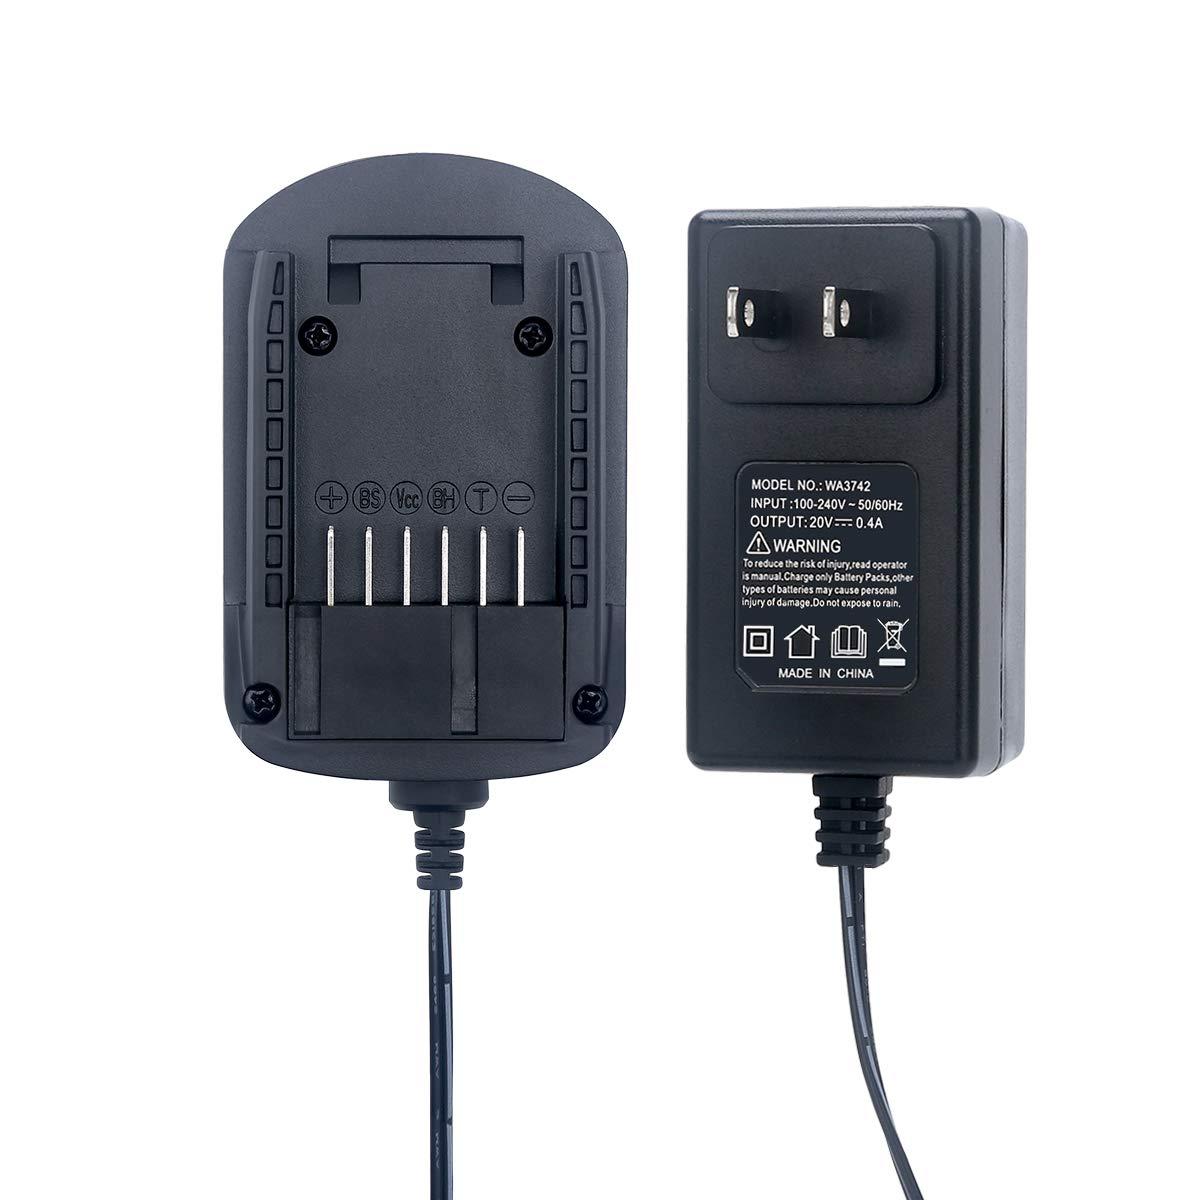 Lasica WA3742 20V Lithium Battery Charger for Worx 20V Power Share Battery WA3520 WA3525 WA3578 WA3575 WA3512 WA3512.1 WA3522 WA3544 Worx Battery Charger 20V WA3732 WA3875 WA3881